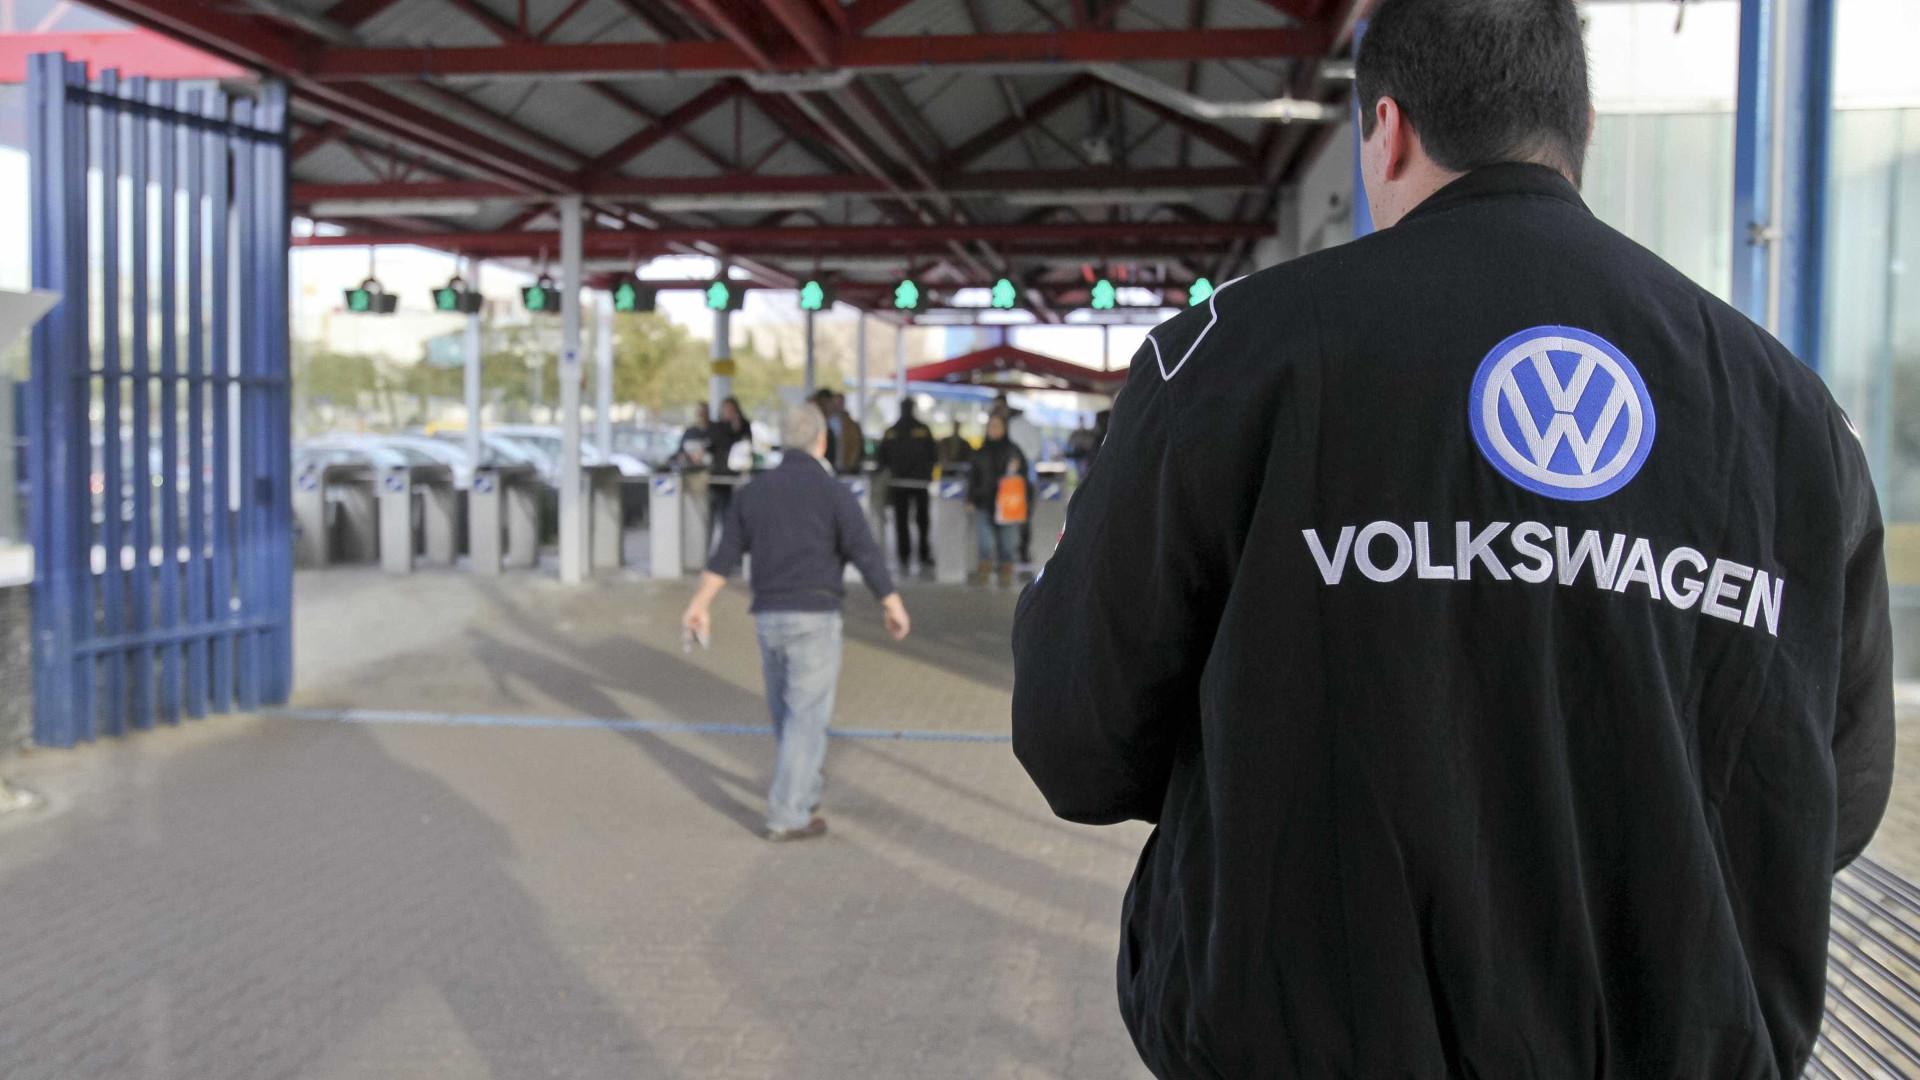 Trabalhadores da Autoeuropa admitem greve mas ainda acreditam em acordo